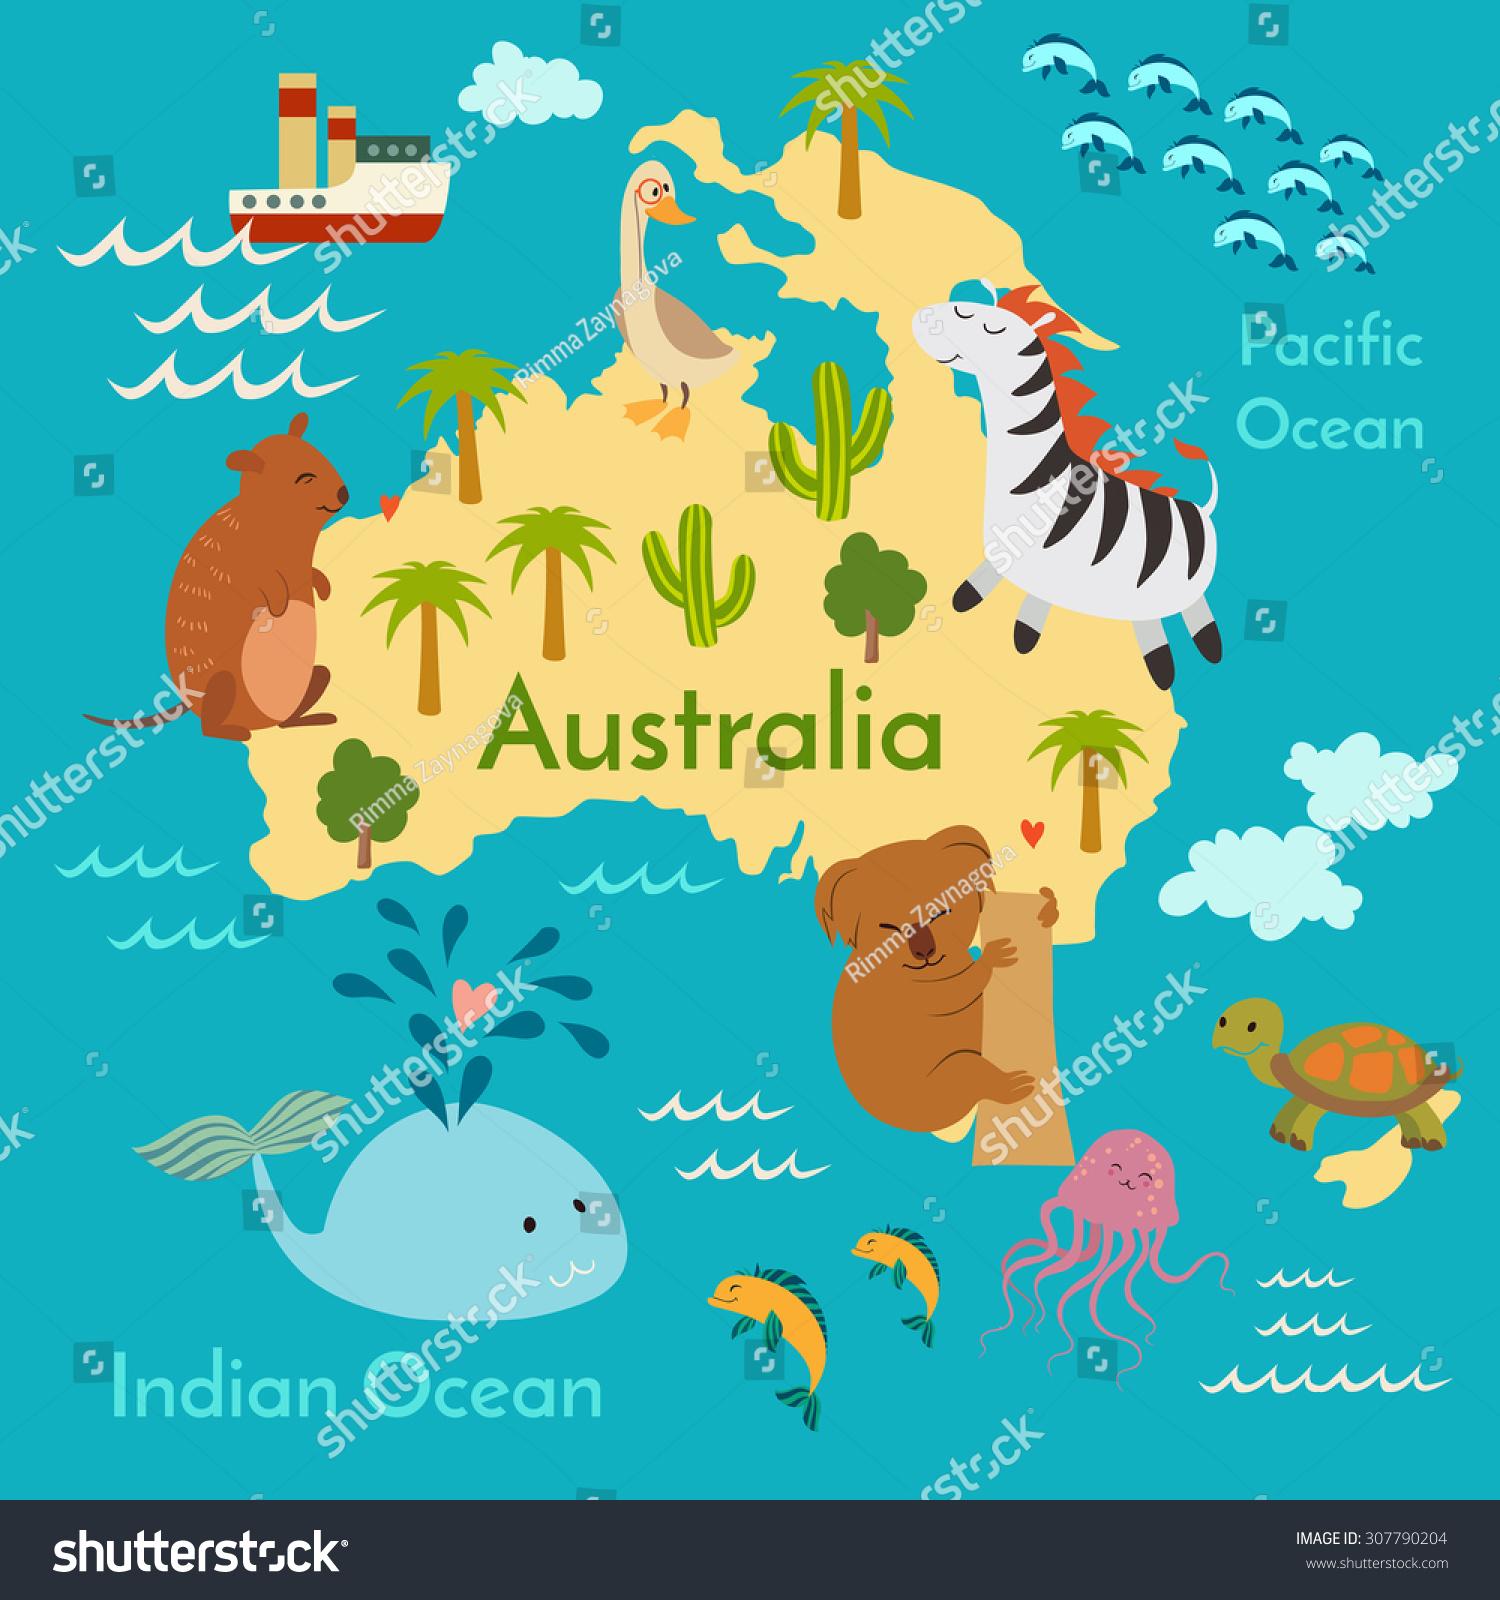 Ocean Habitat Worksheet For Preschoolers